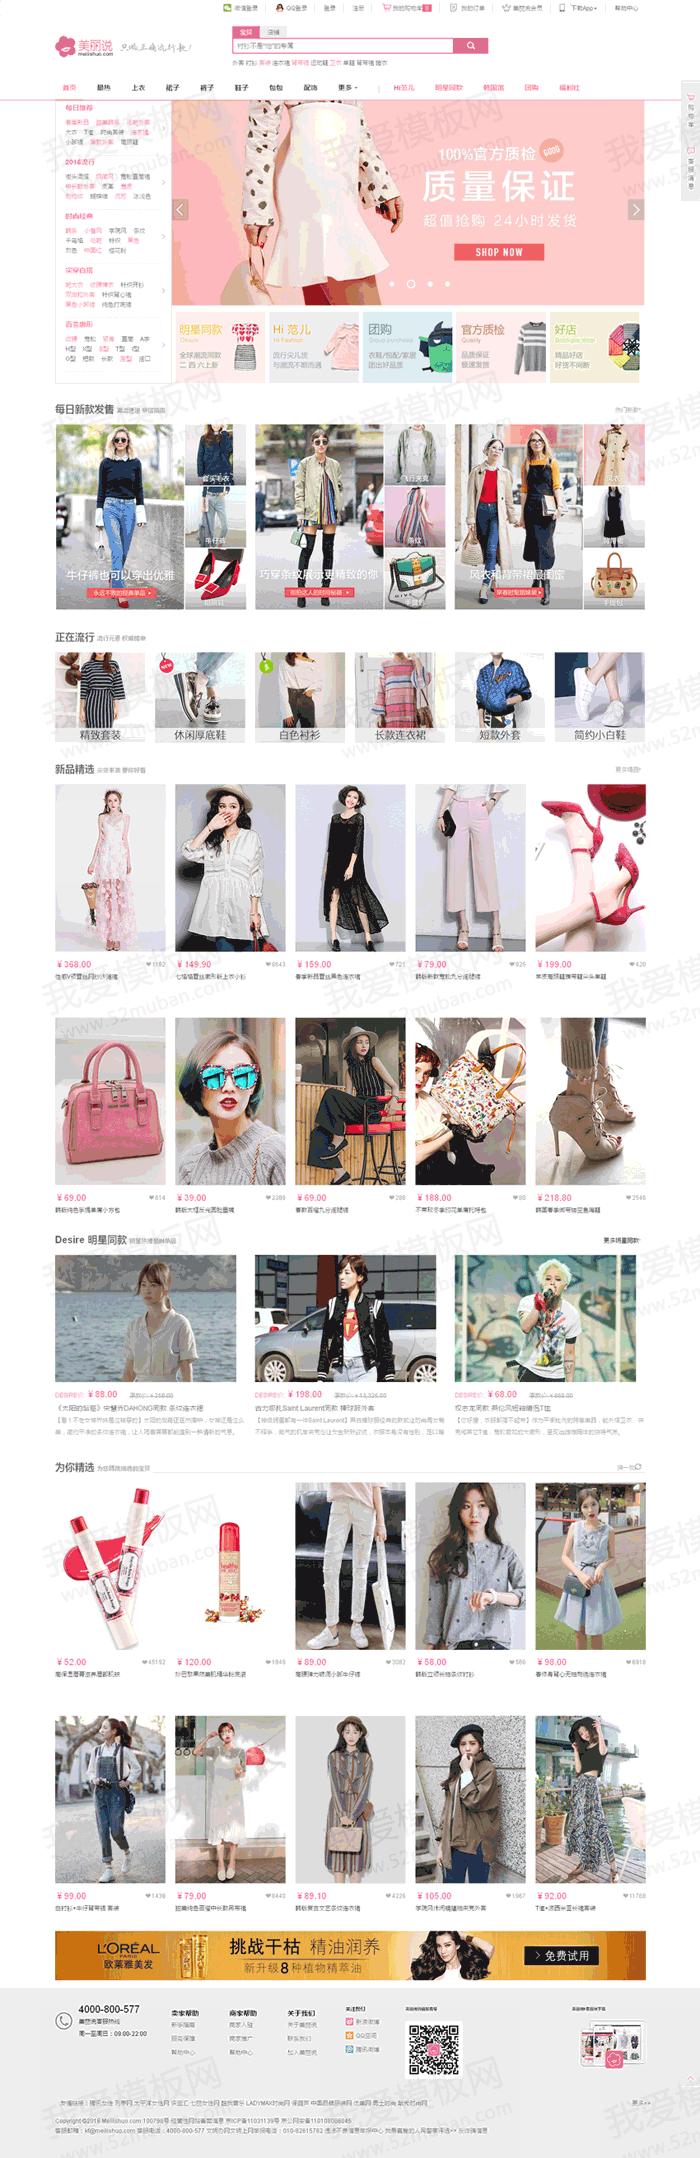 美丽说官网时尚购物模板html源码下载